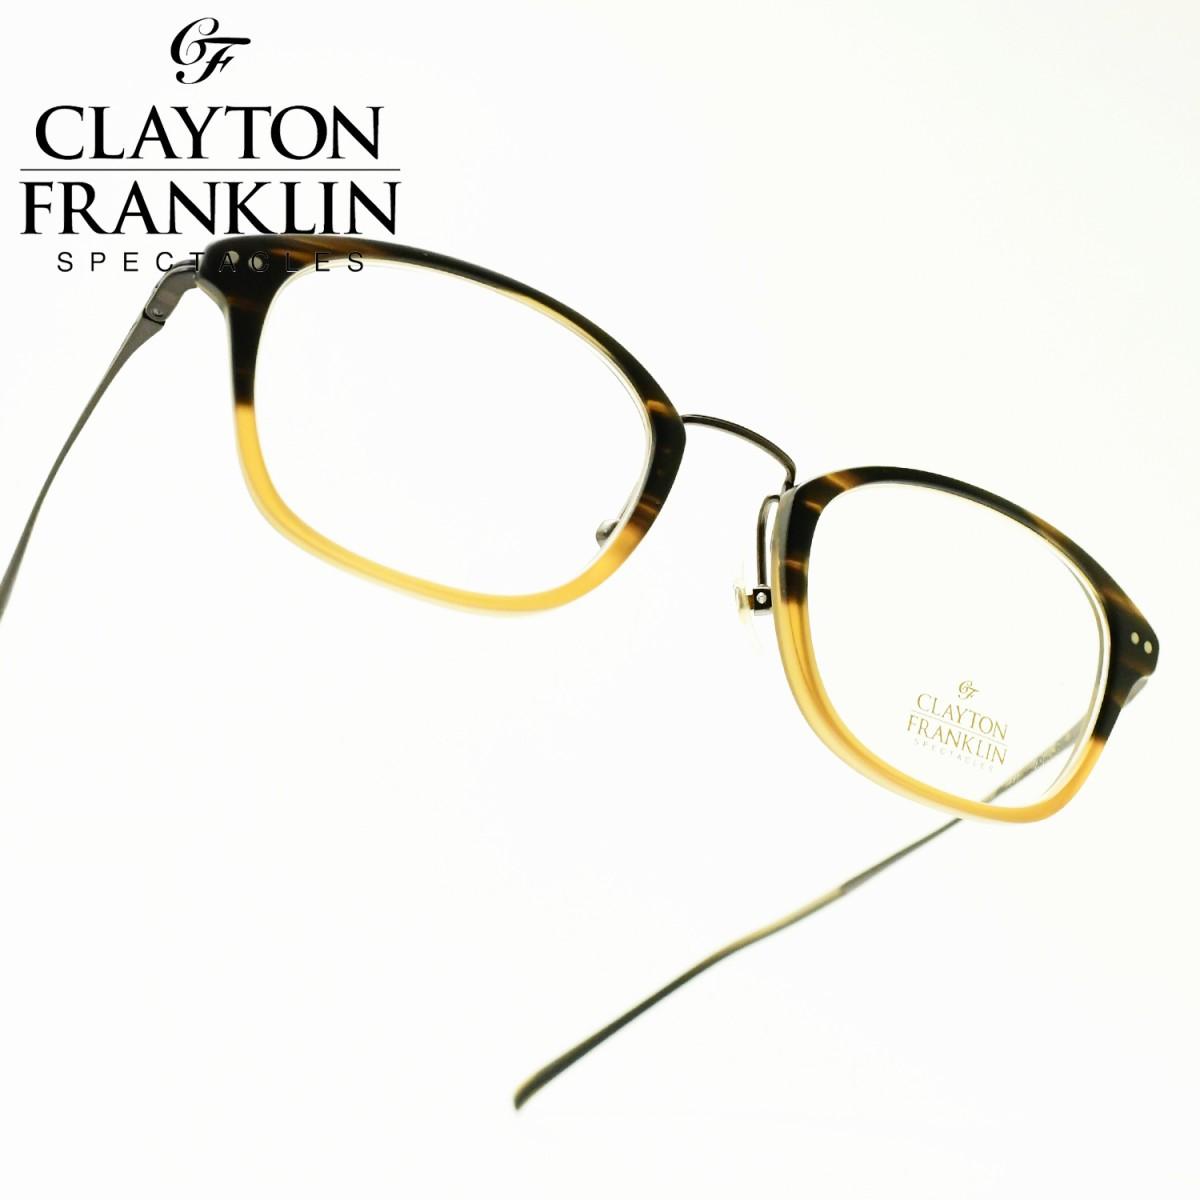 CLAYTON FRANKLIN クレイトンフランクリン628 MHB(マットブラウンハーフ/デモレンズ)メガネ 眼鏡 めがね メンズ レディース おしゃれブランド 人気 おすすめ フレーム 流行り 度付き レンズ